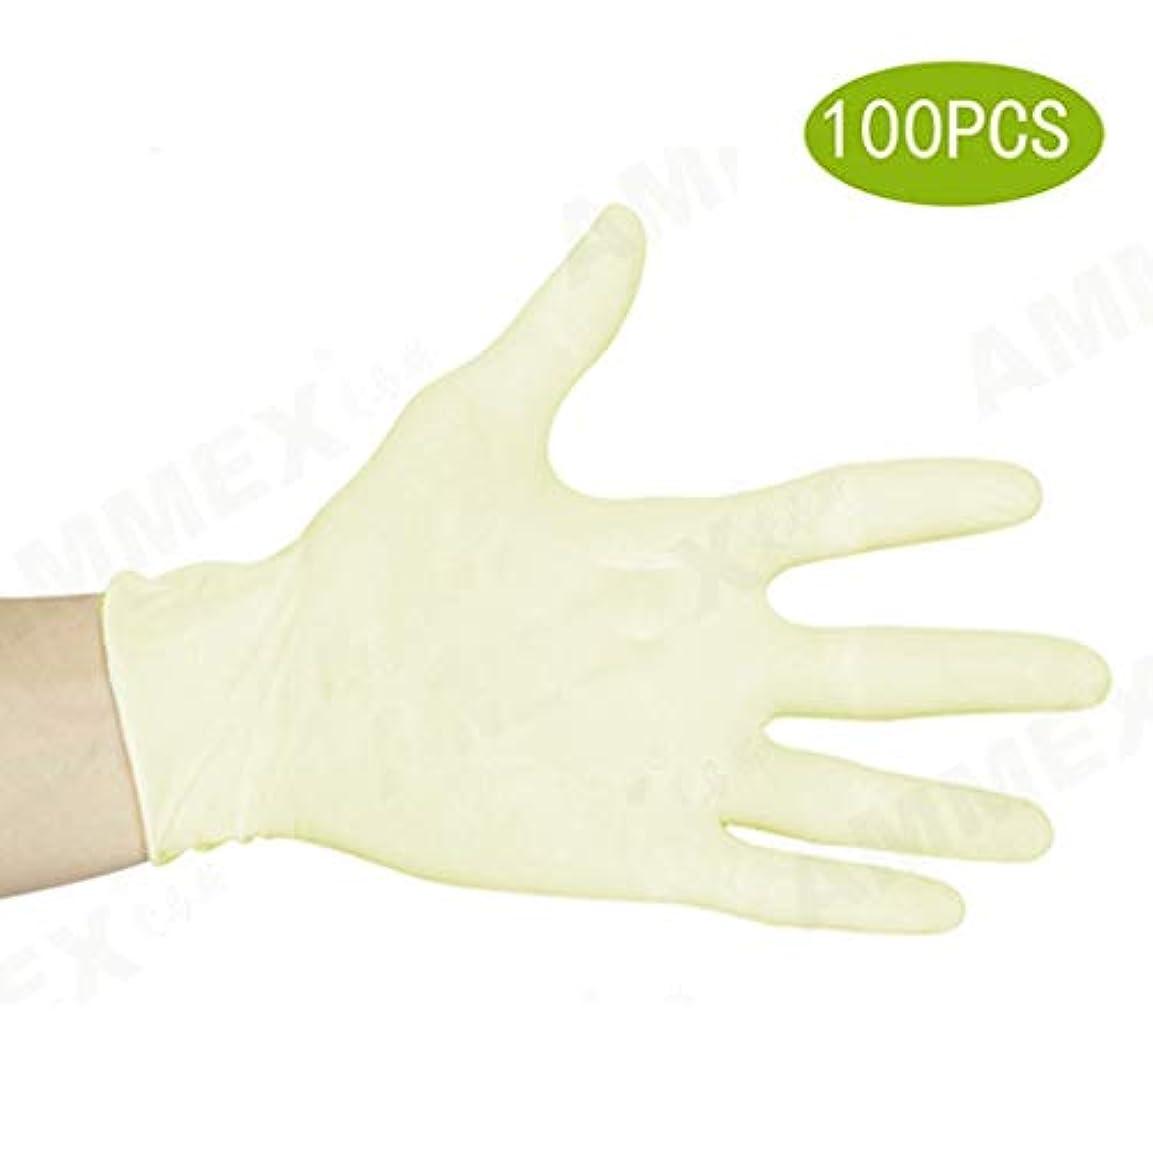 ストラップ盗賊モザイクニトリル手袋、パウダーフリー、ラテックスゴムフリー、使い捨て手袋 - 非滅菌、食品安全、医療用グレード、100の便利なディスペンサーパック、ビニール手袋(エクストラストレングス) (Color : Latex Gloves...